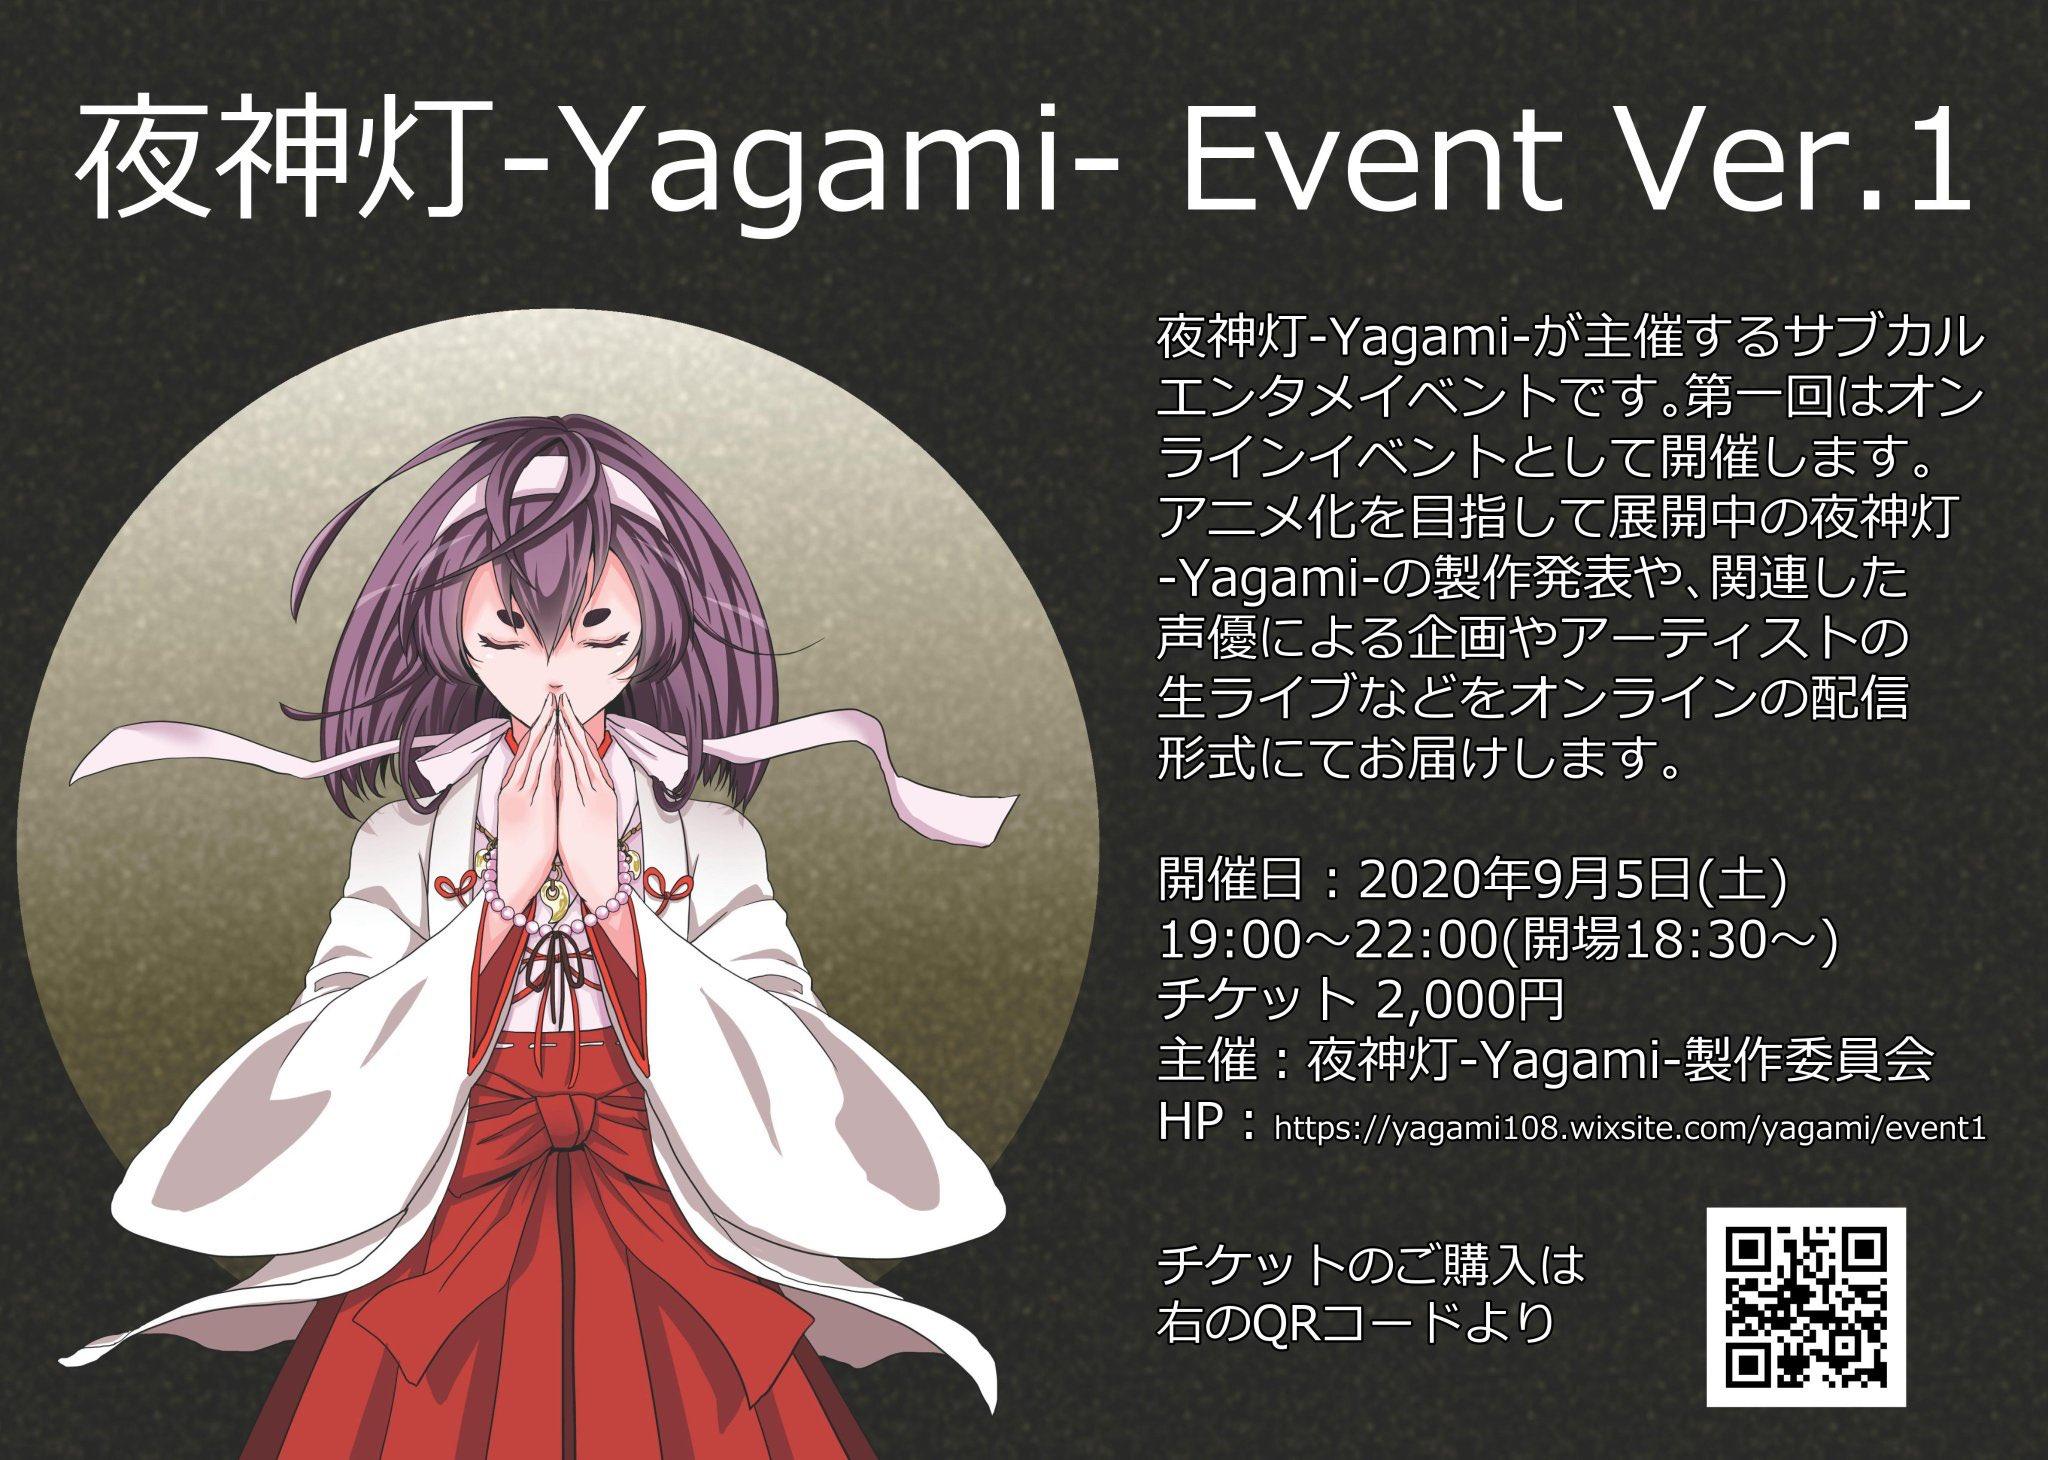 9月5日(土) オンラインイベント「夜神灯-Yagami- Event Ver.1」に出演します!!!